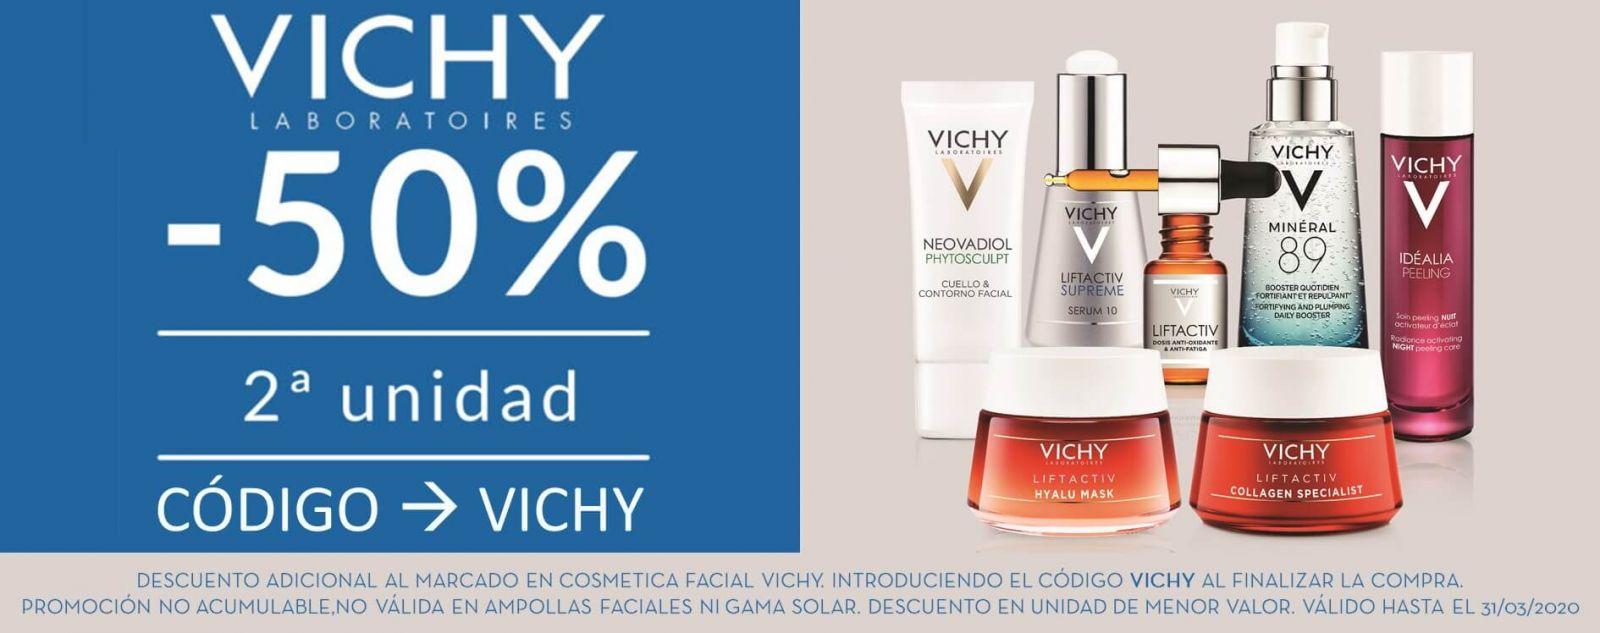 promocion vichy cosmetica facial